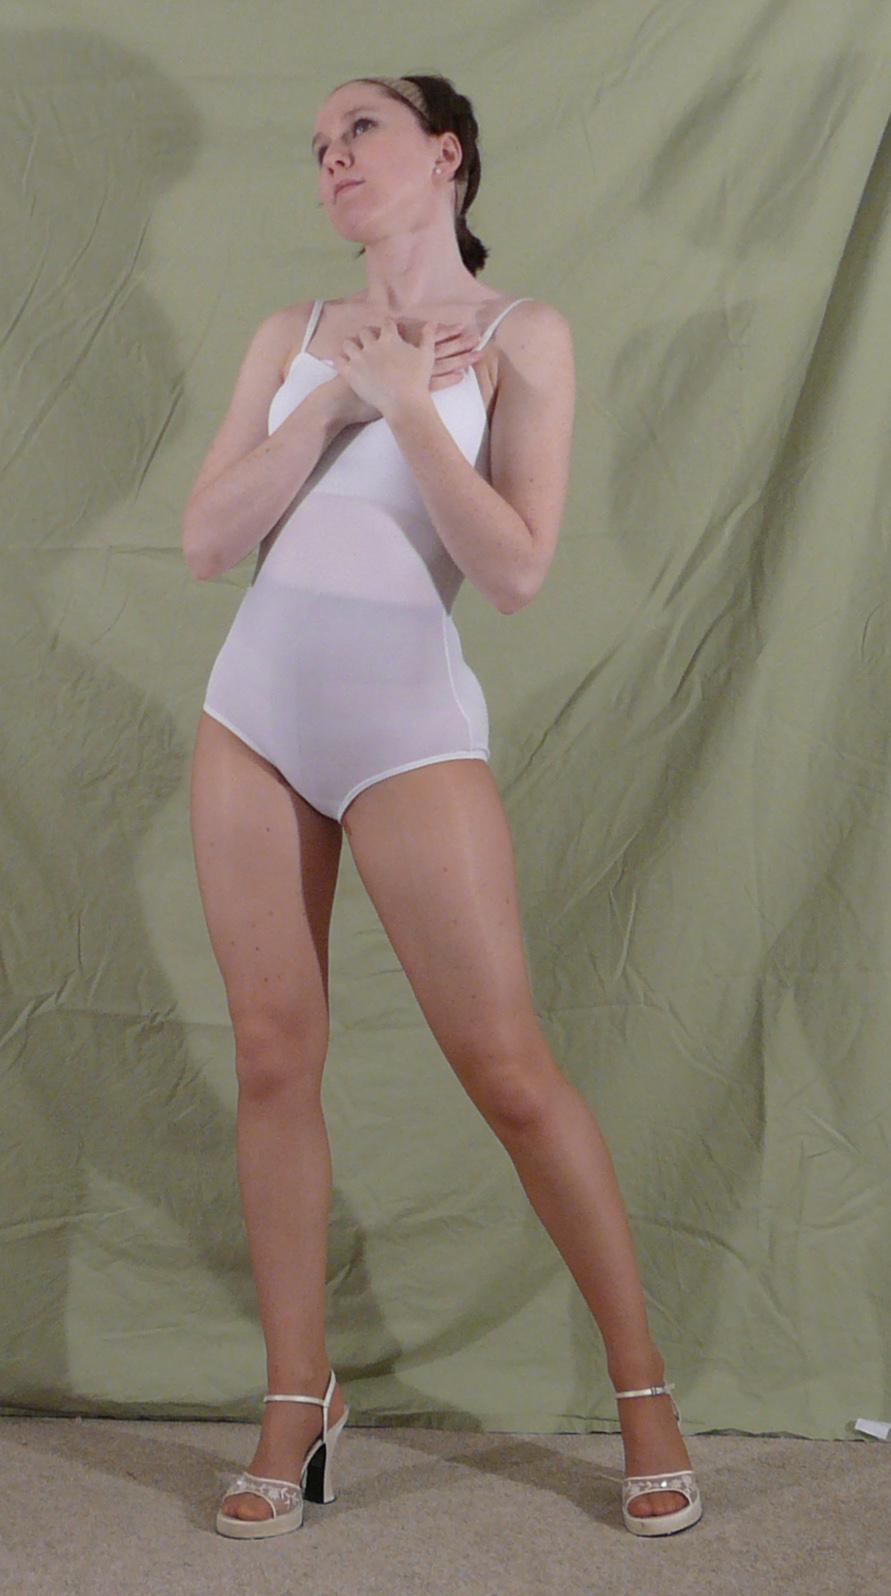 Sailor Pose 76